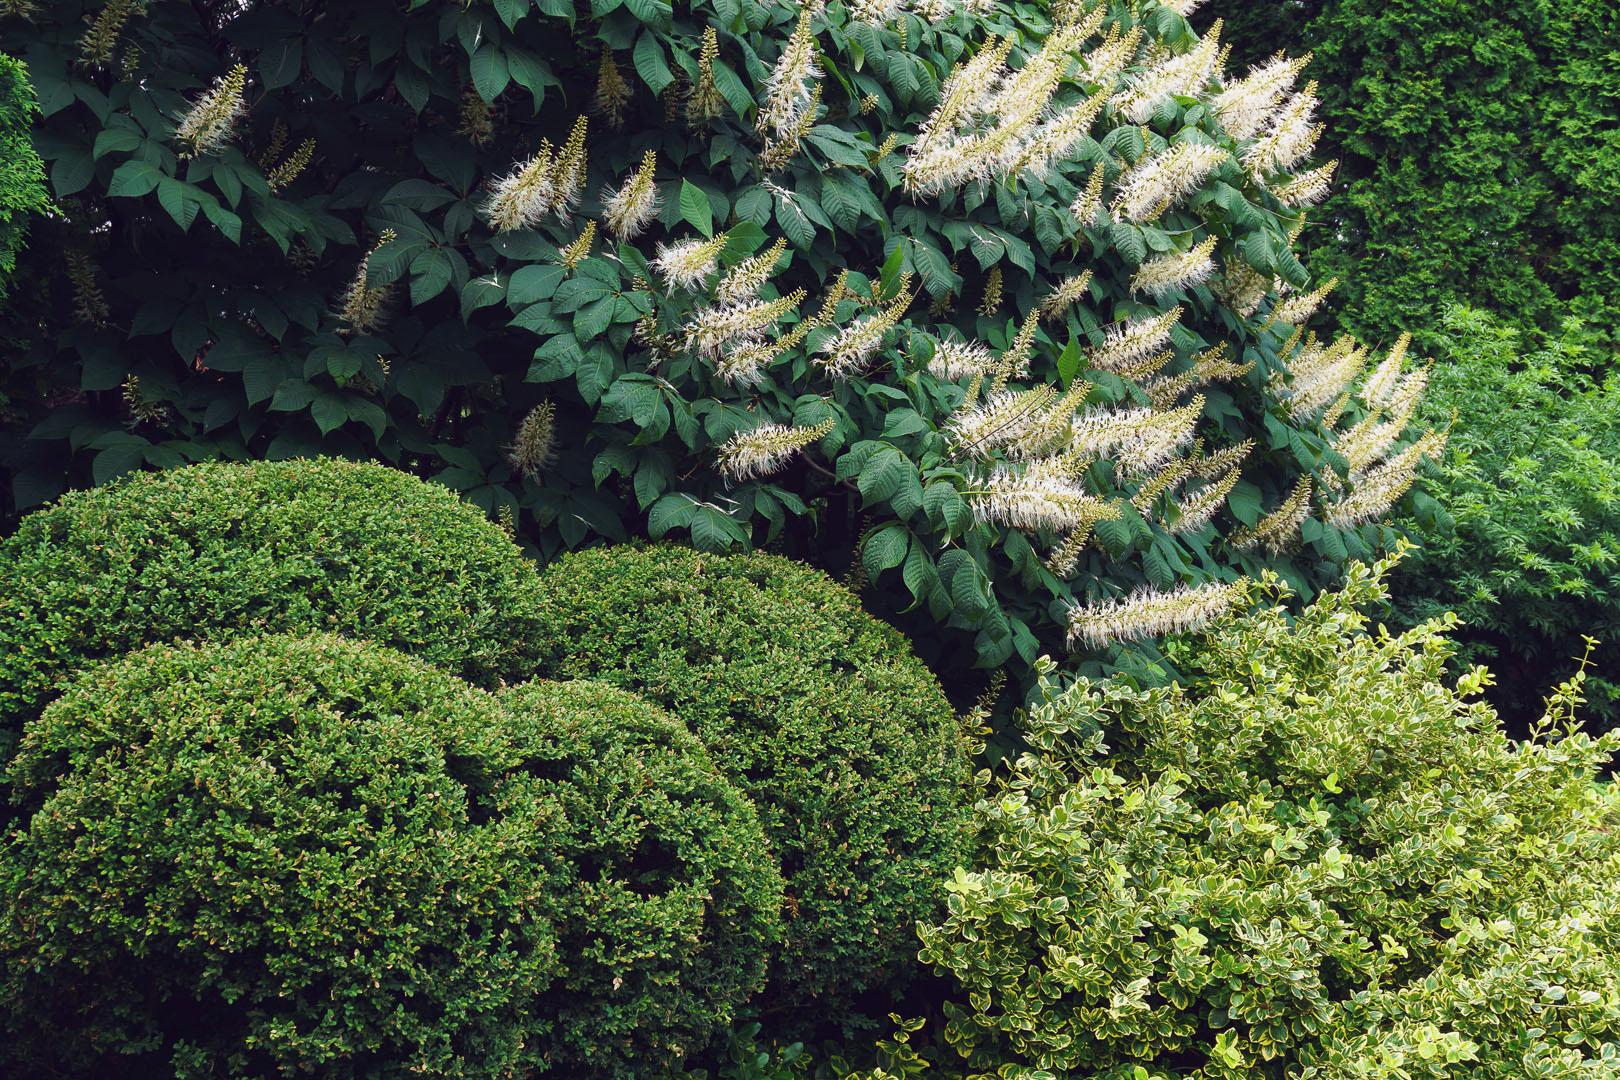 Promenades au jardin en juillet sillage for Jardin jardin 2017